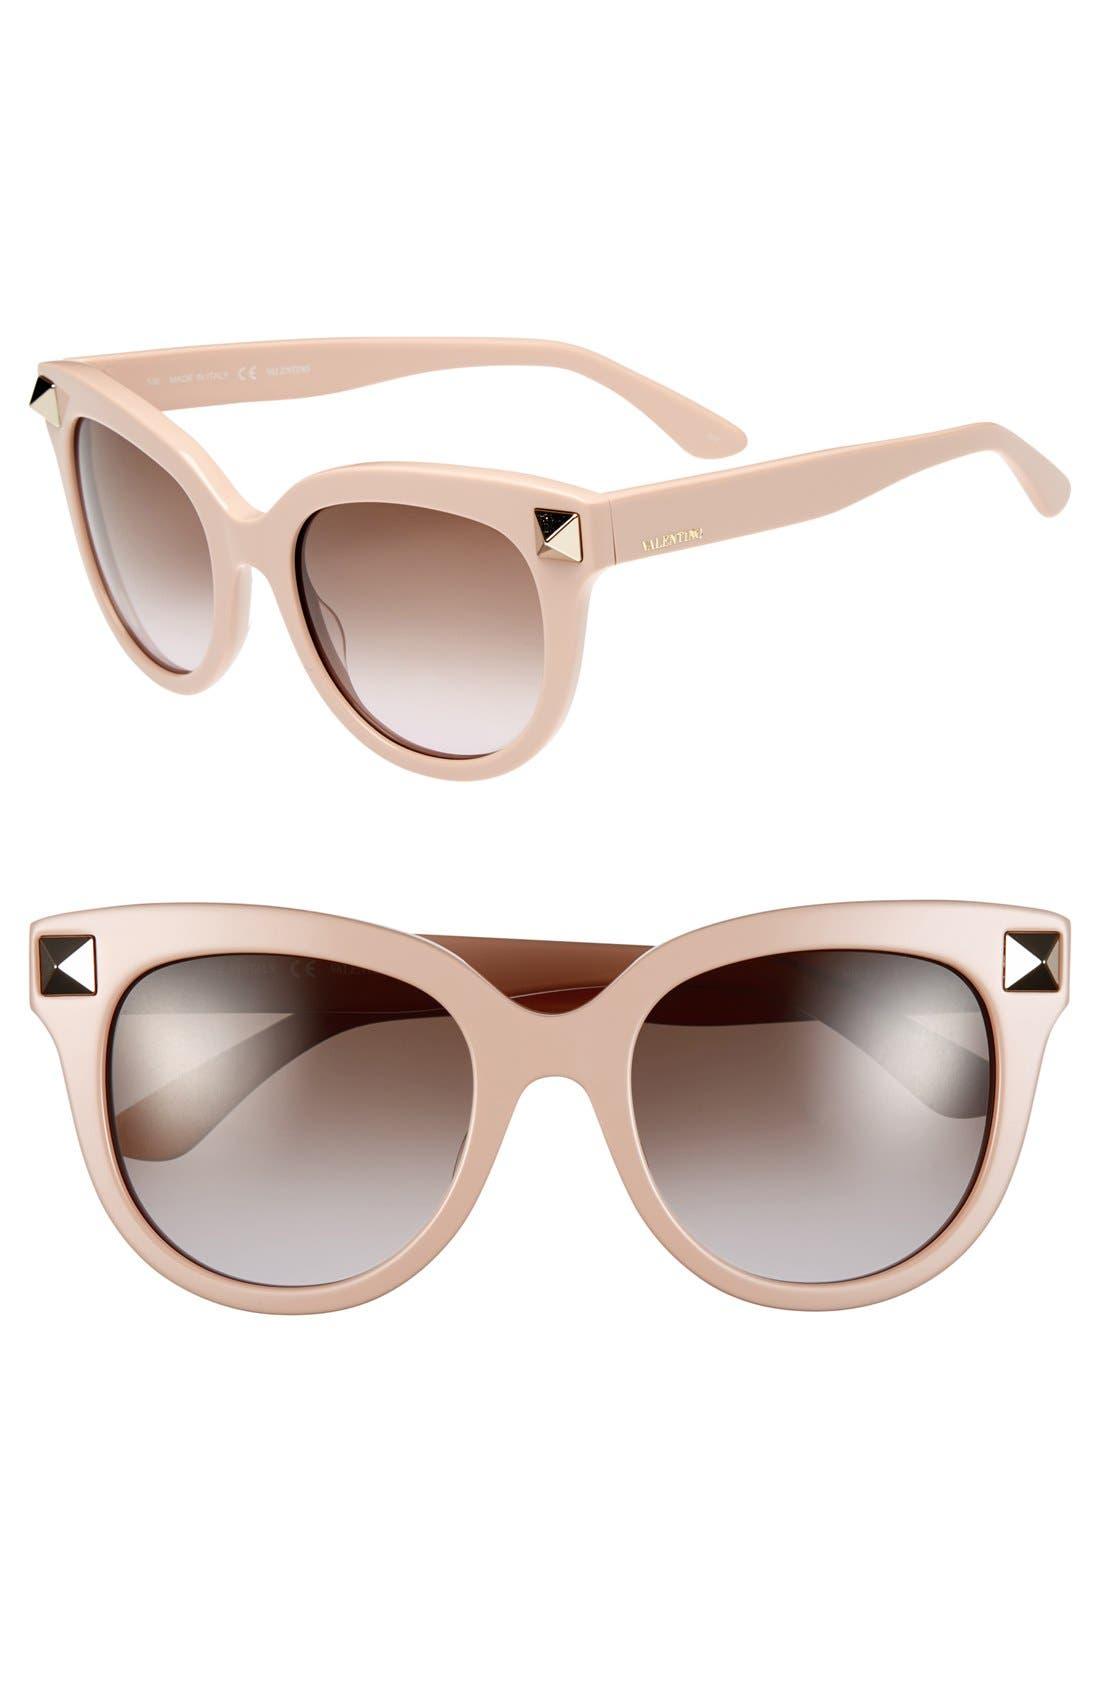 Alternate Image 1 Selected - Valentino 'Rockstud' 52mm Studded Sunglasses